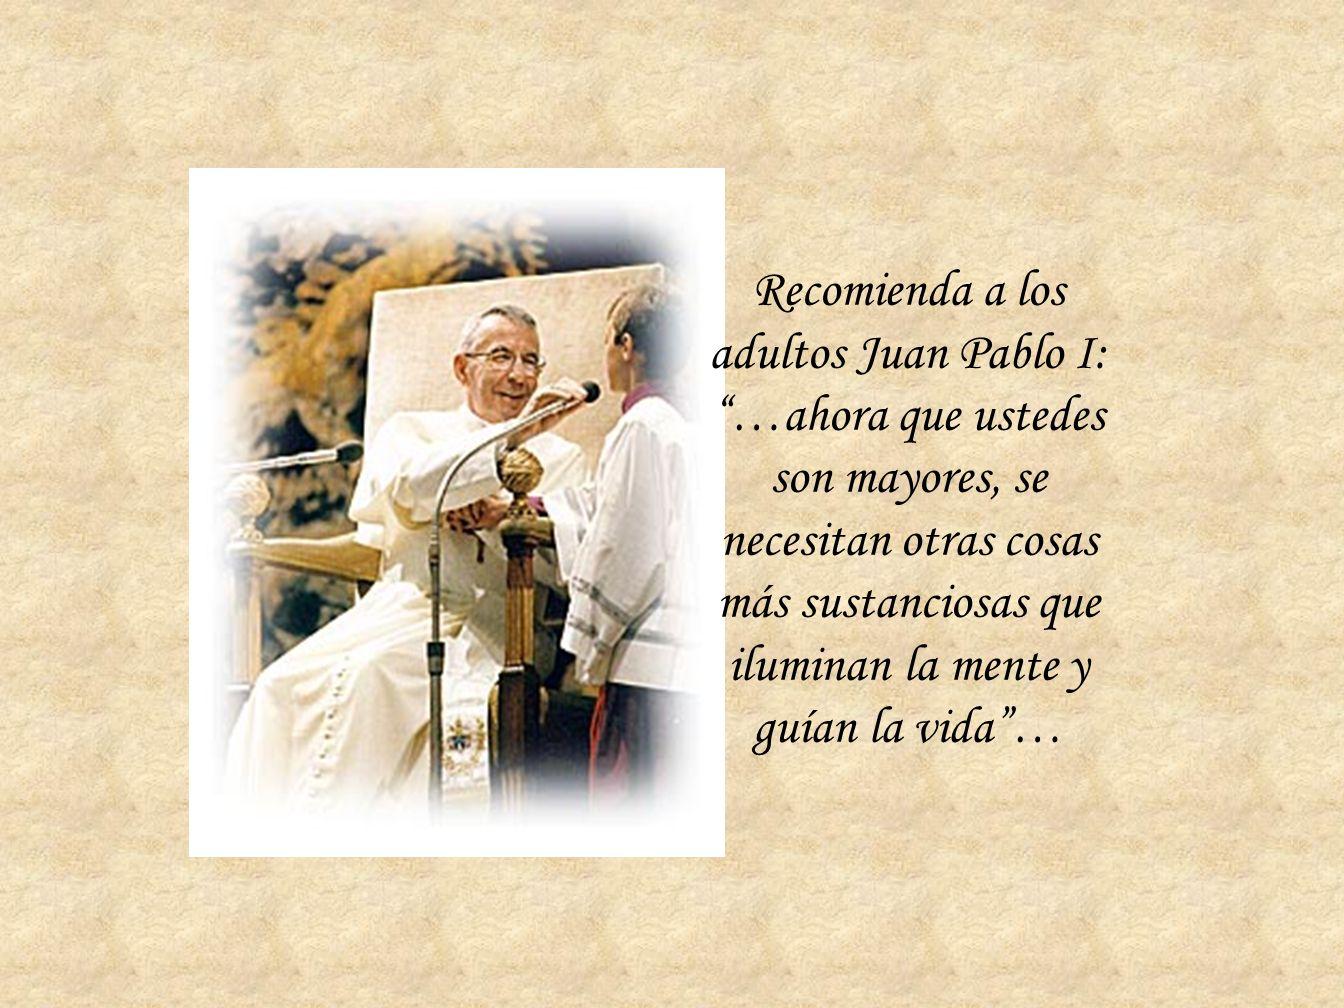 Recomienda a los adultos Juan Pablo I: …ahora que ustedes son mayores, se necesitan otras cosas más sustanciosas que iluminan la mente y guían la vida …